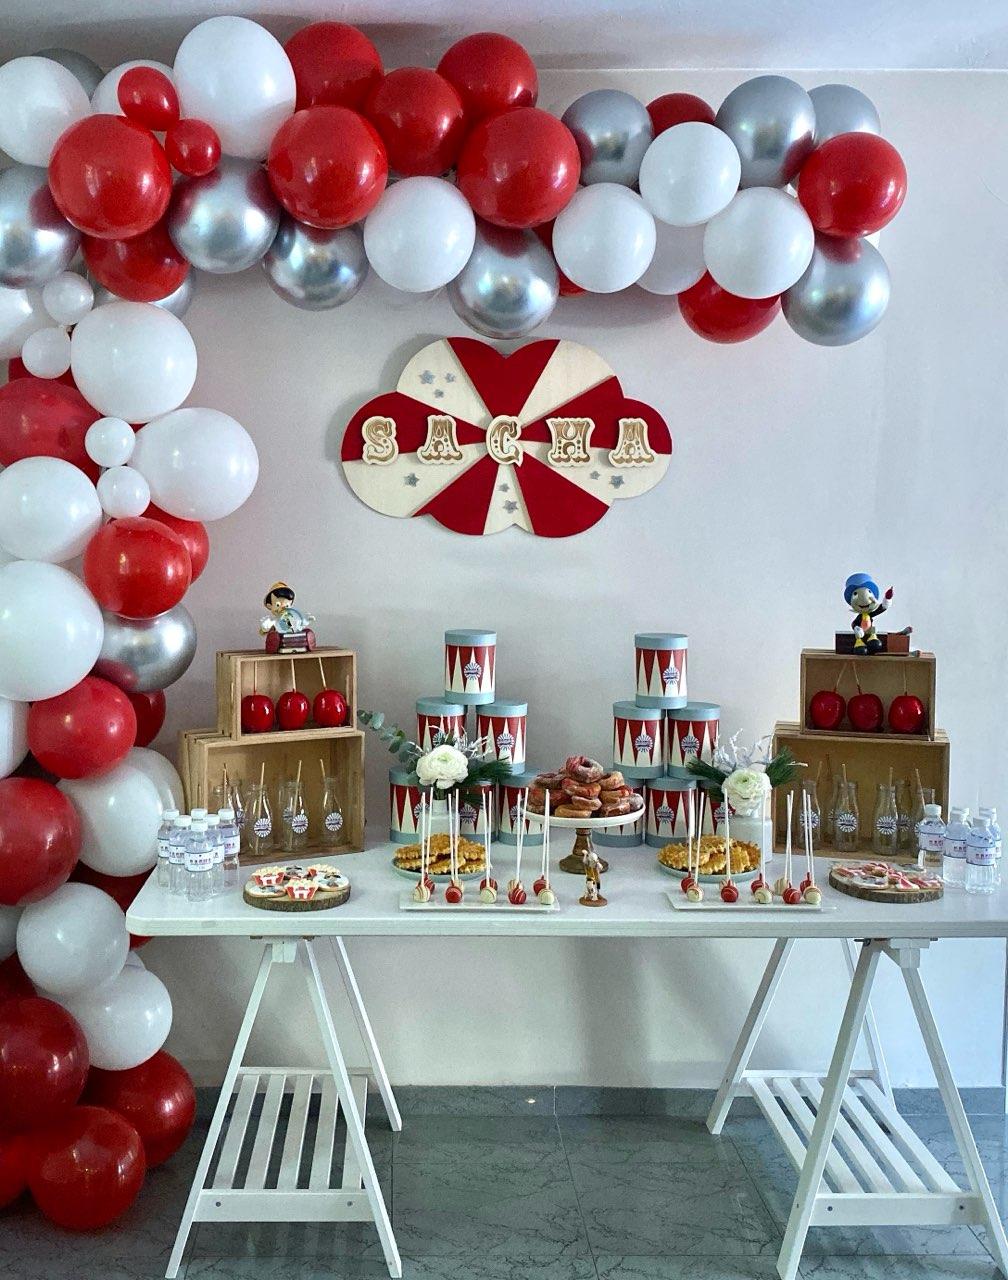 Anniversaire sacha décoration cirque avec gateau&popcakes de face